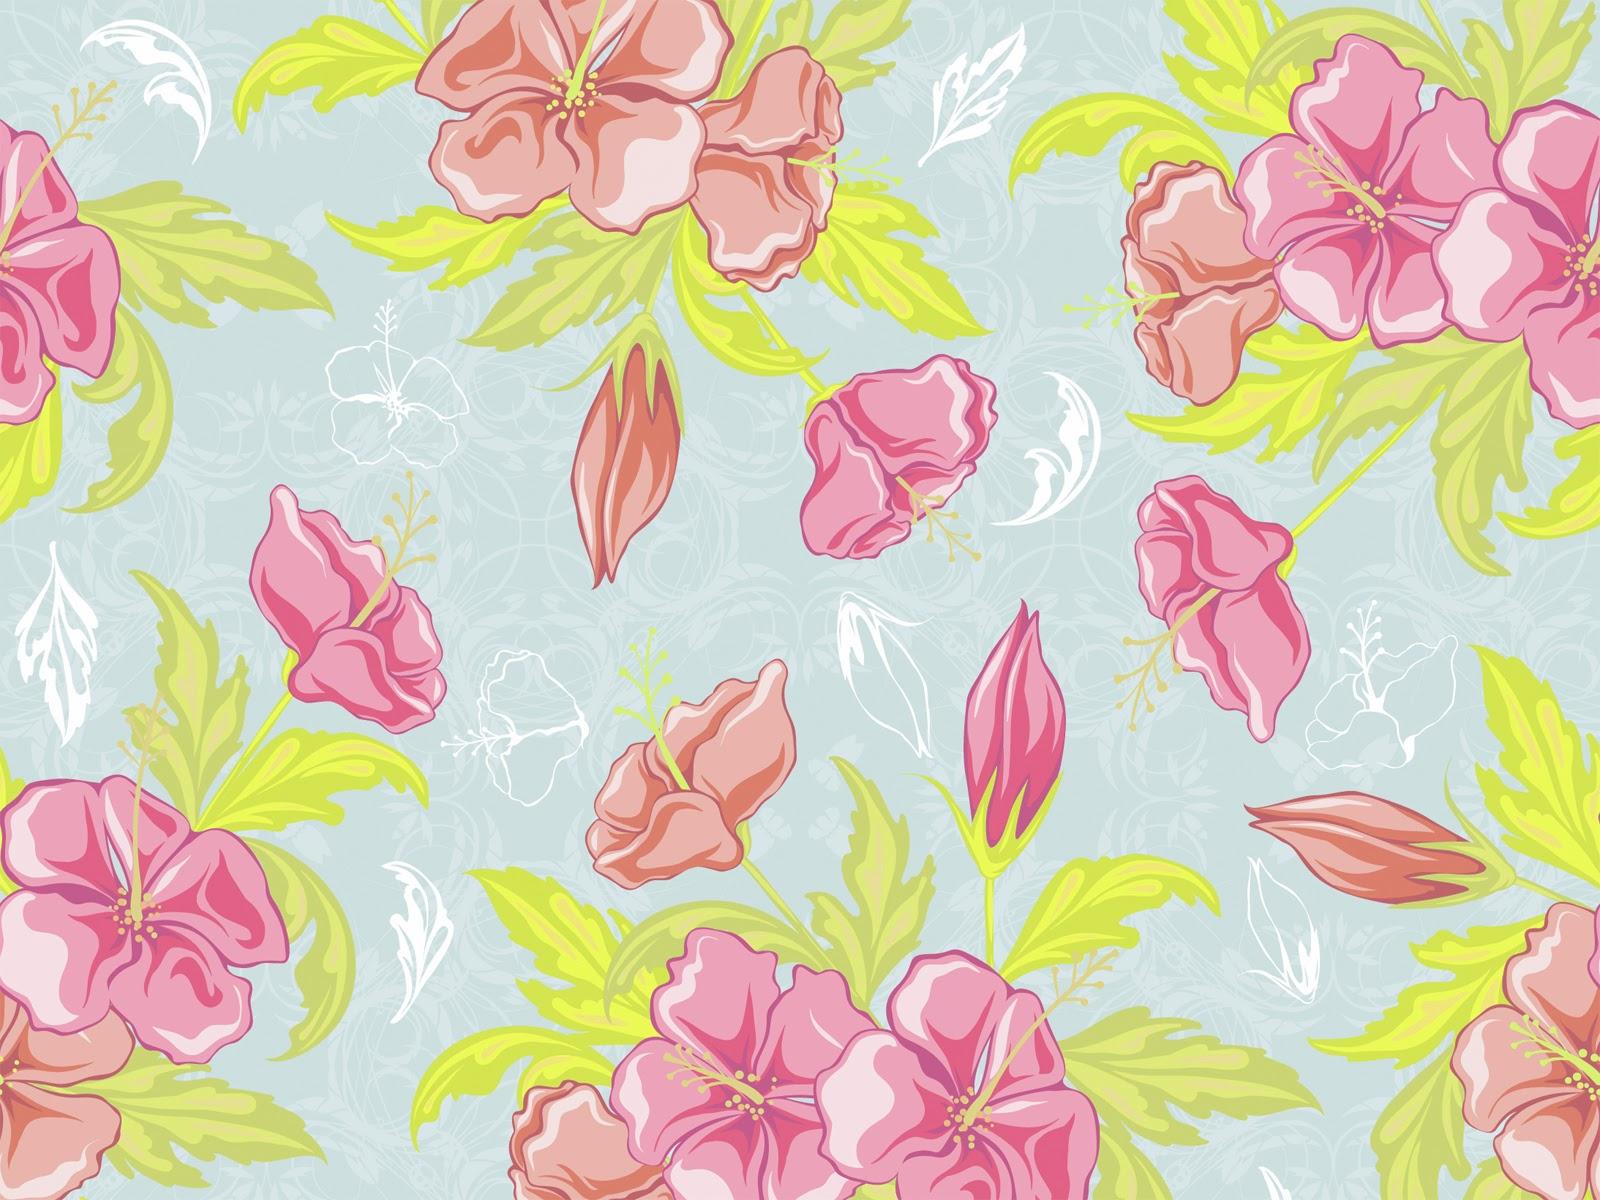 Hình ảnh background hoa lá đẹp